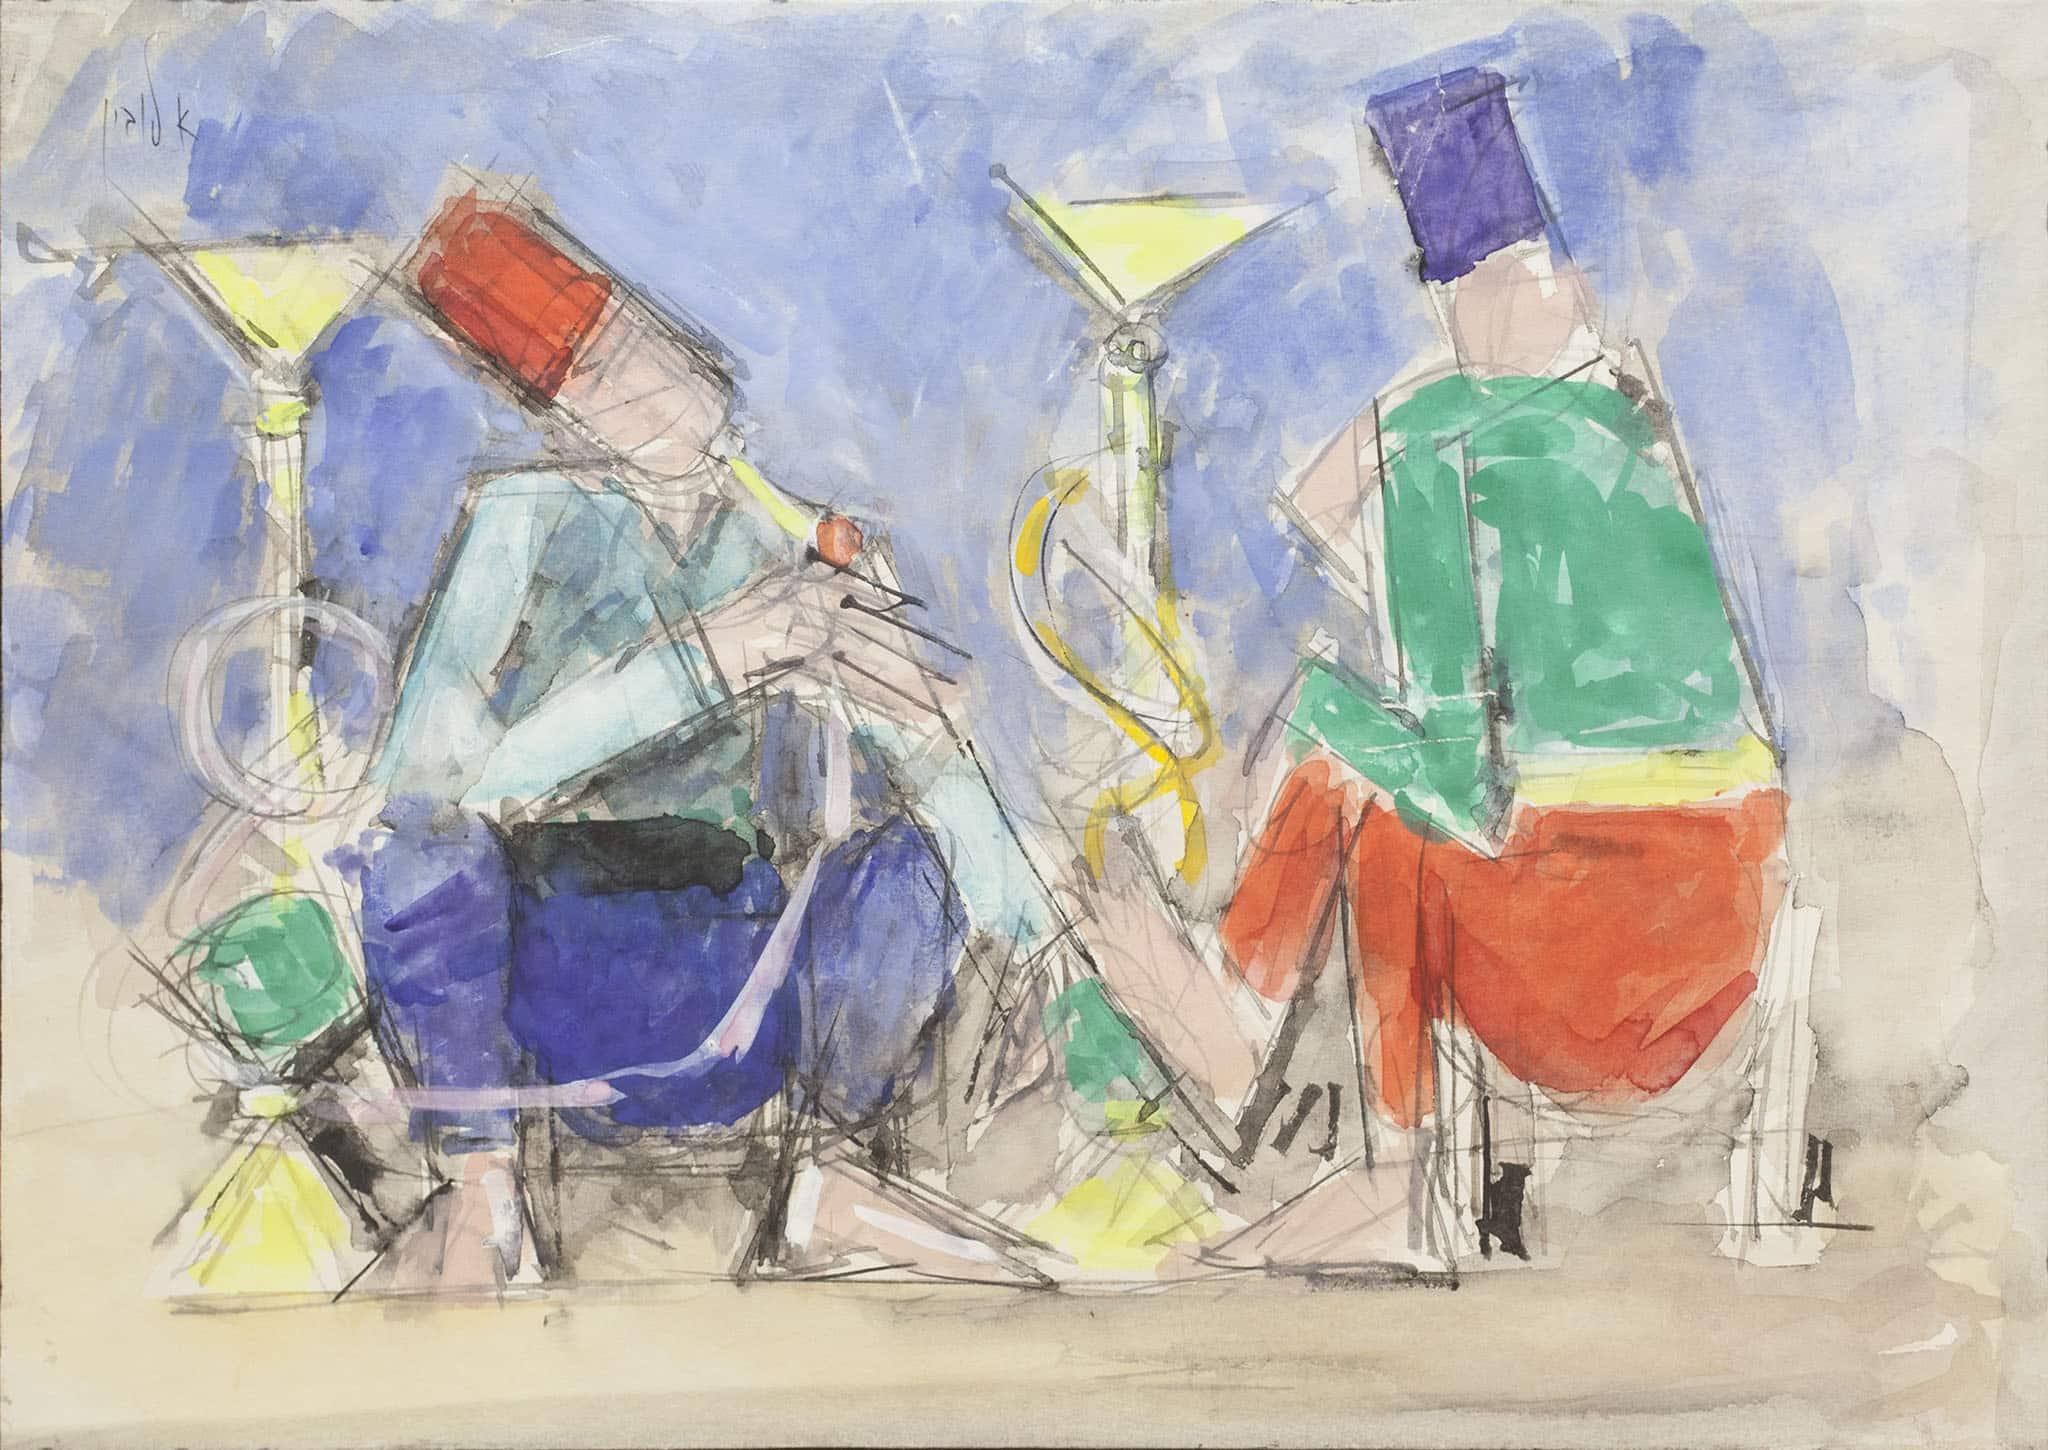 """אריה לובין, """"מעשני נרגילה"""",אקוורל, גואש ועיפרון על נייר מוצמד לבד, 48x34 ס""""מ"""